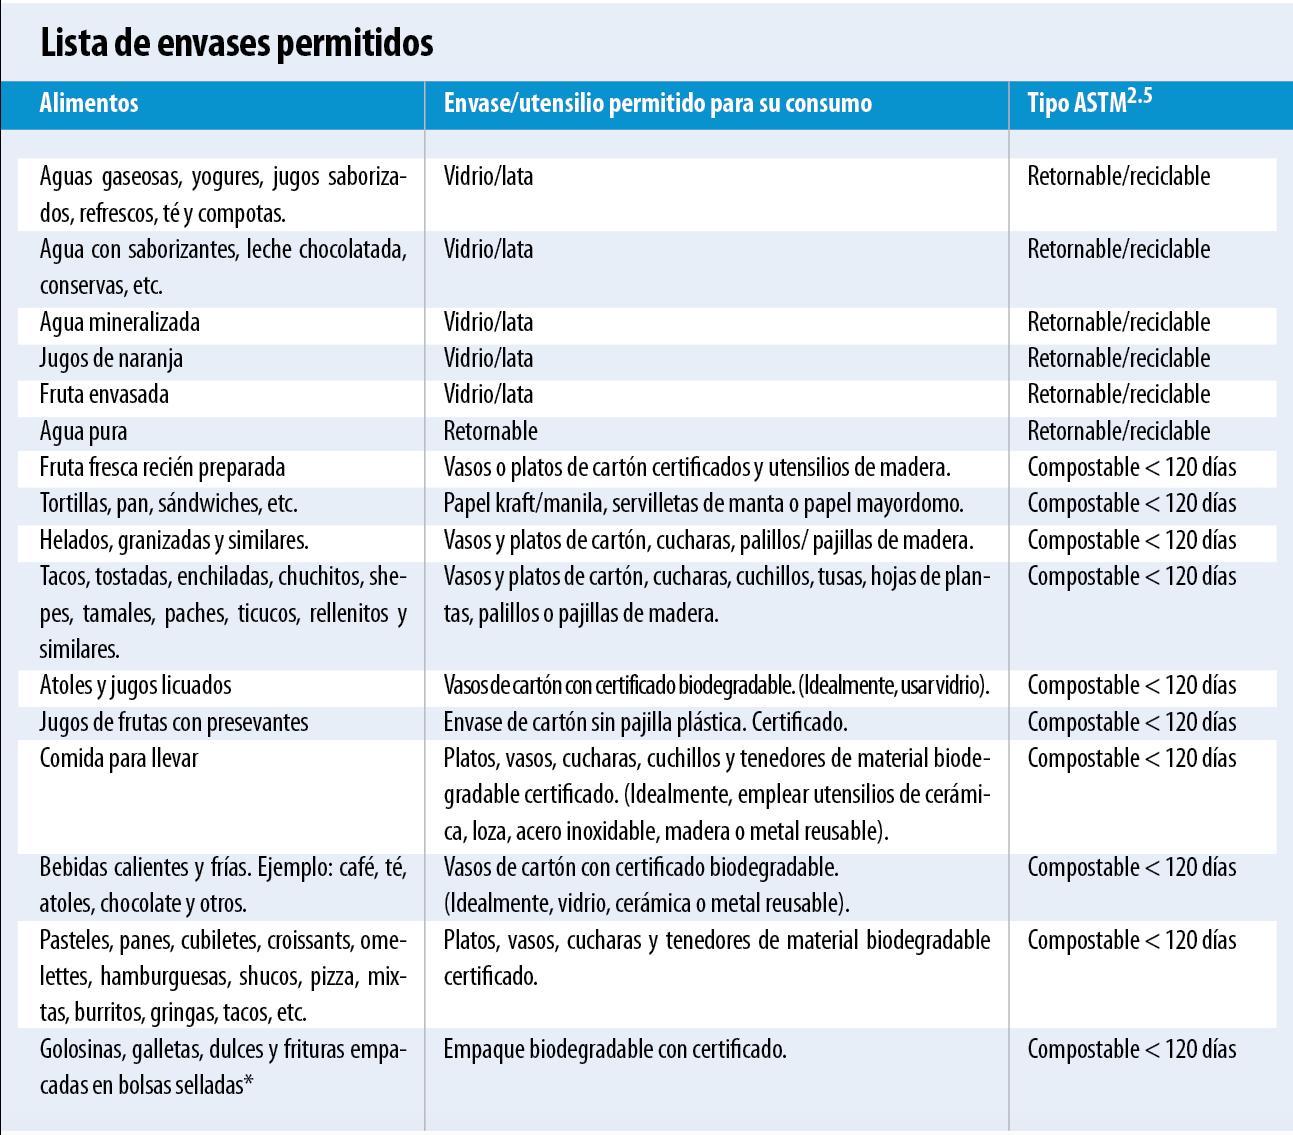 1. LISTA DE EMBASES PERMITIDOS